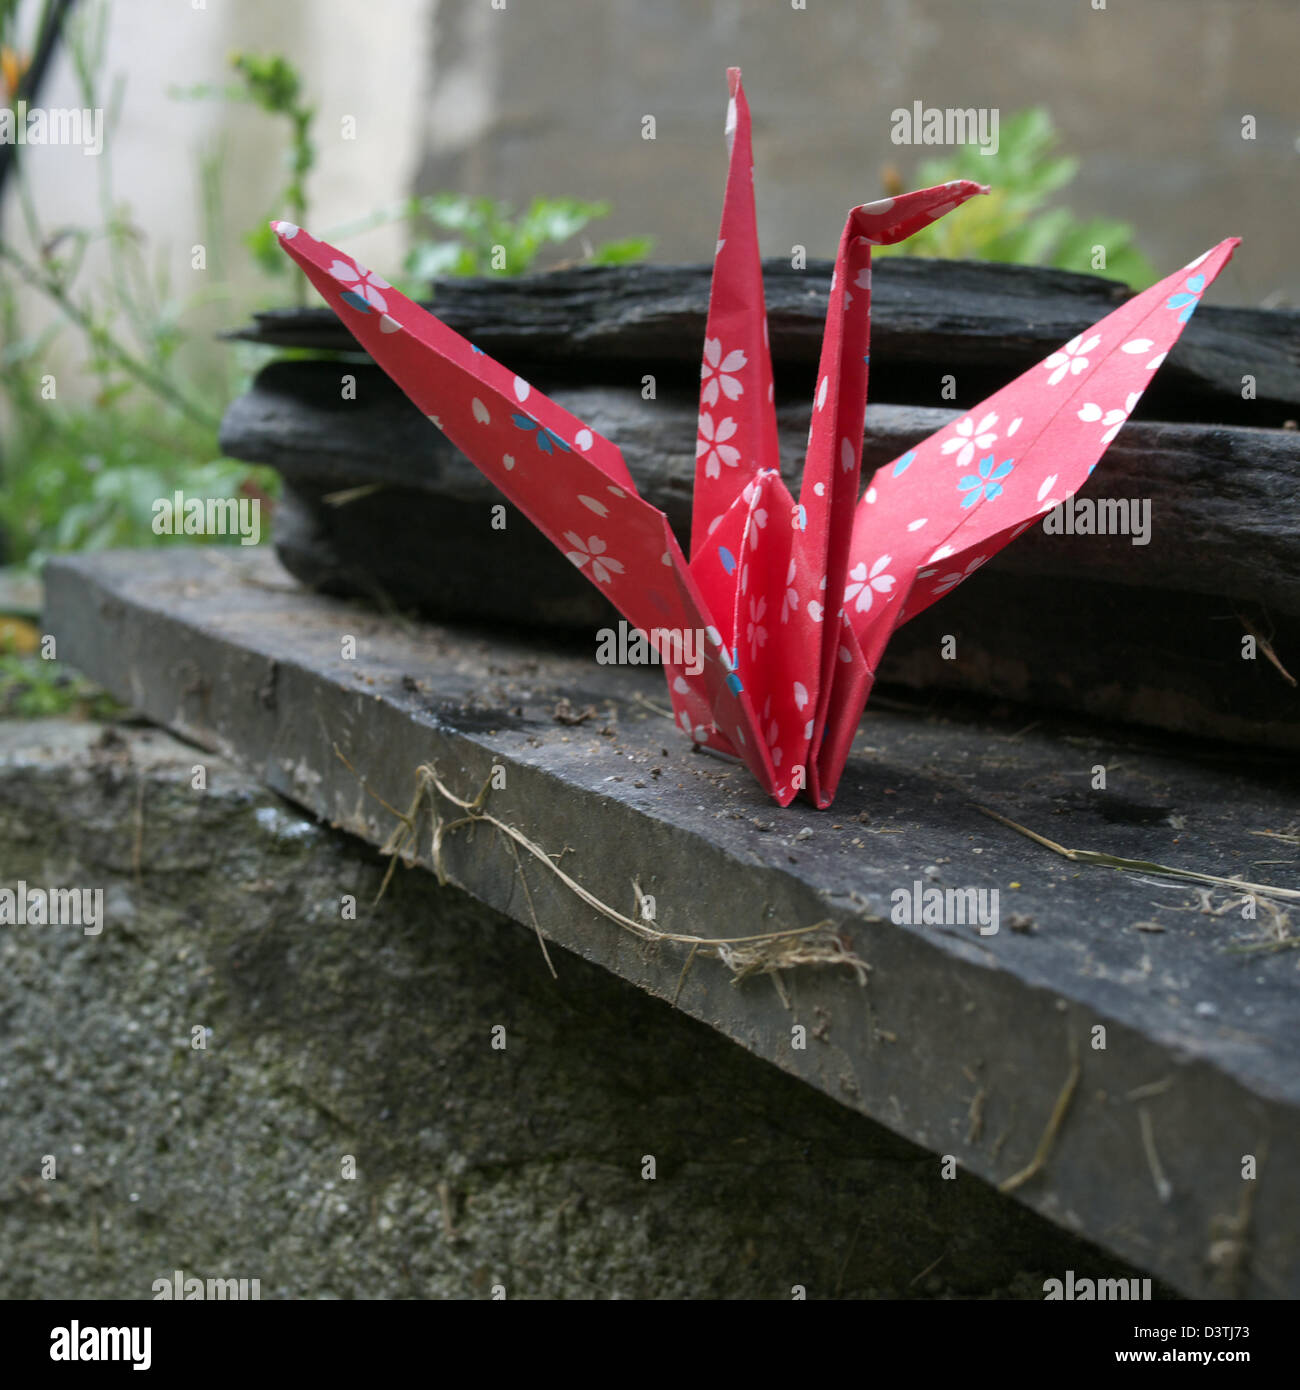 Rotes Papier Kran platziert im Freien auf einer Platte aus Schiefer Stockbild